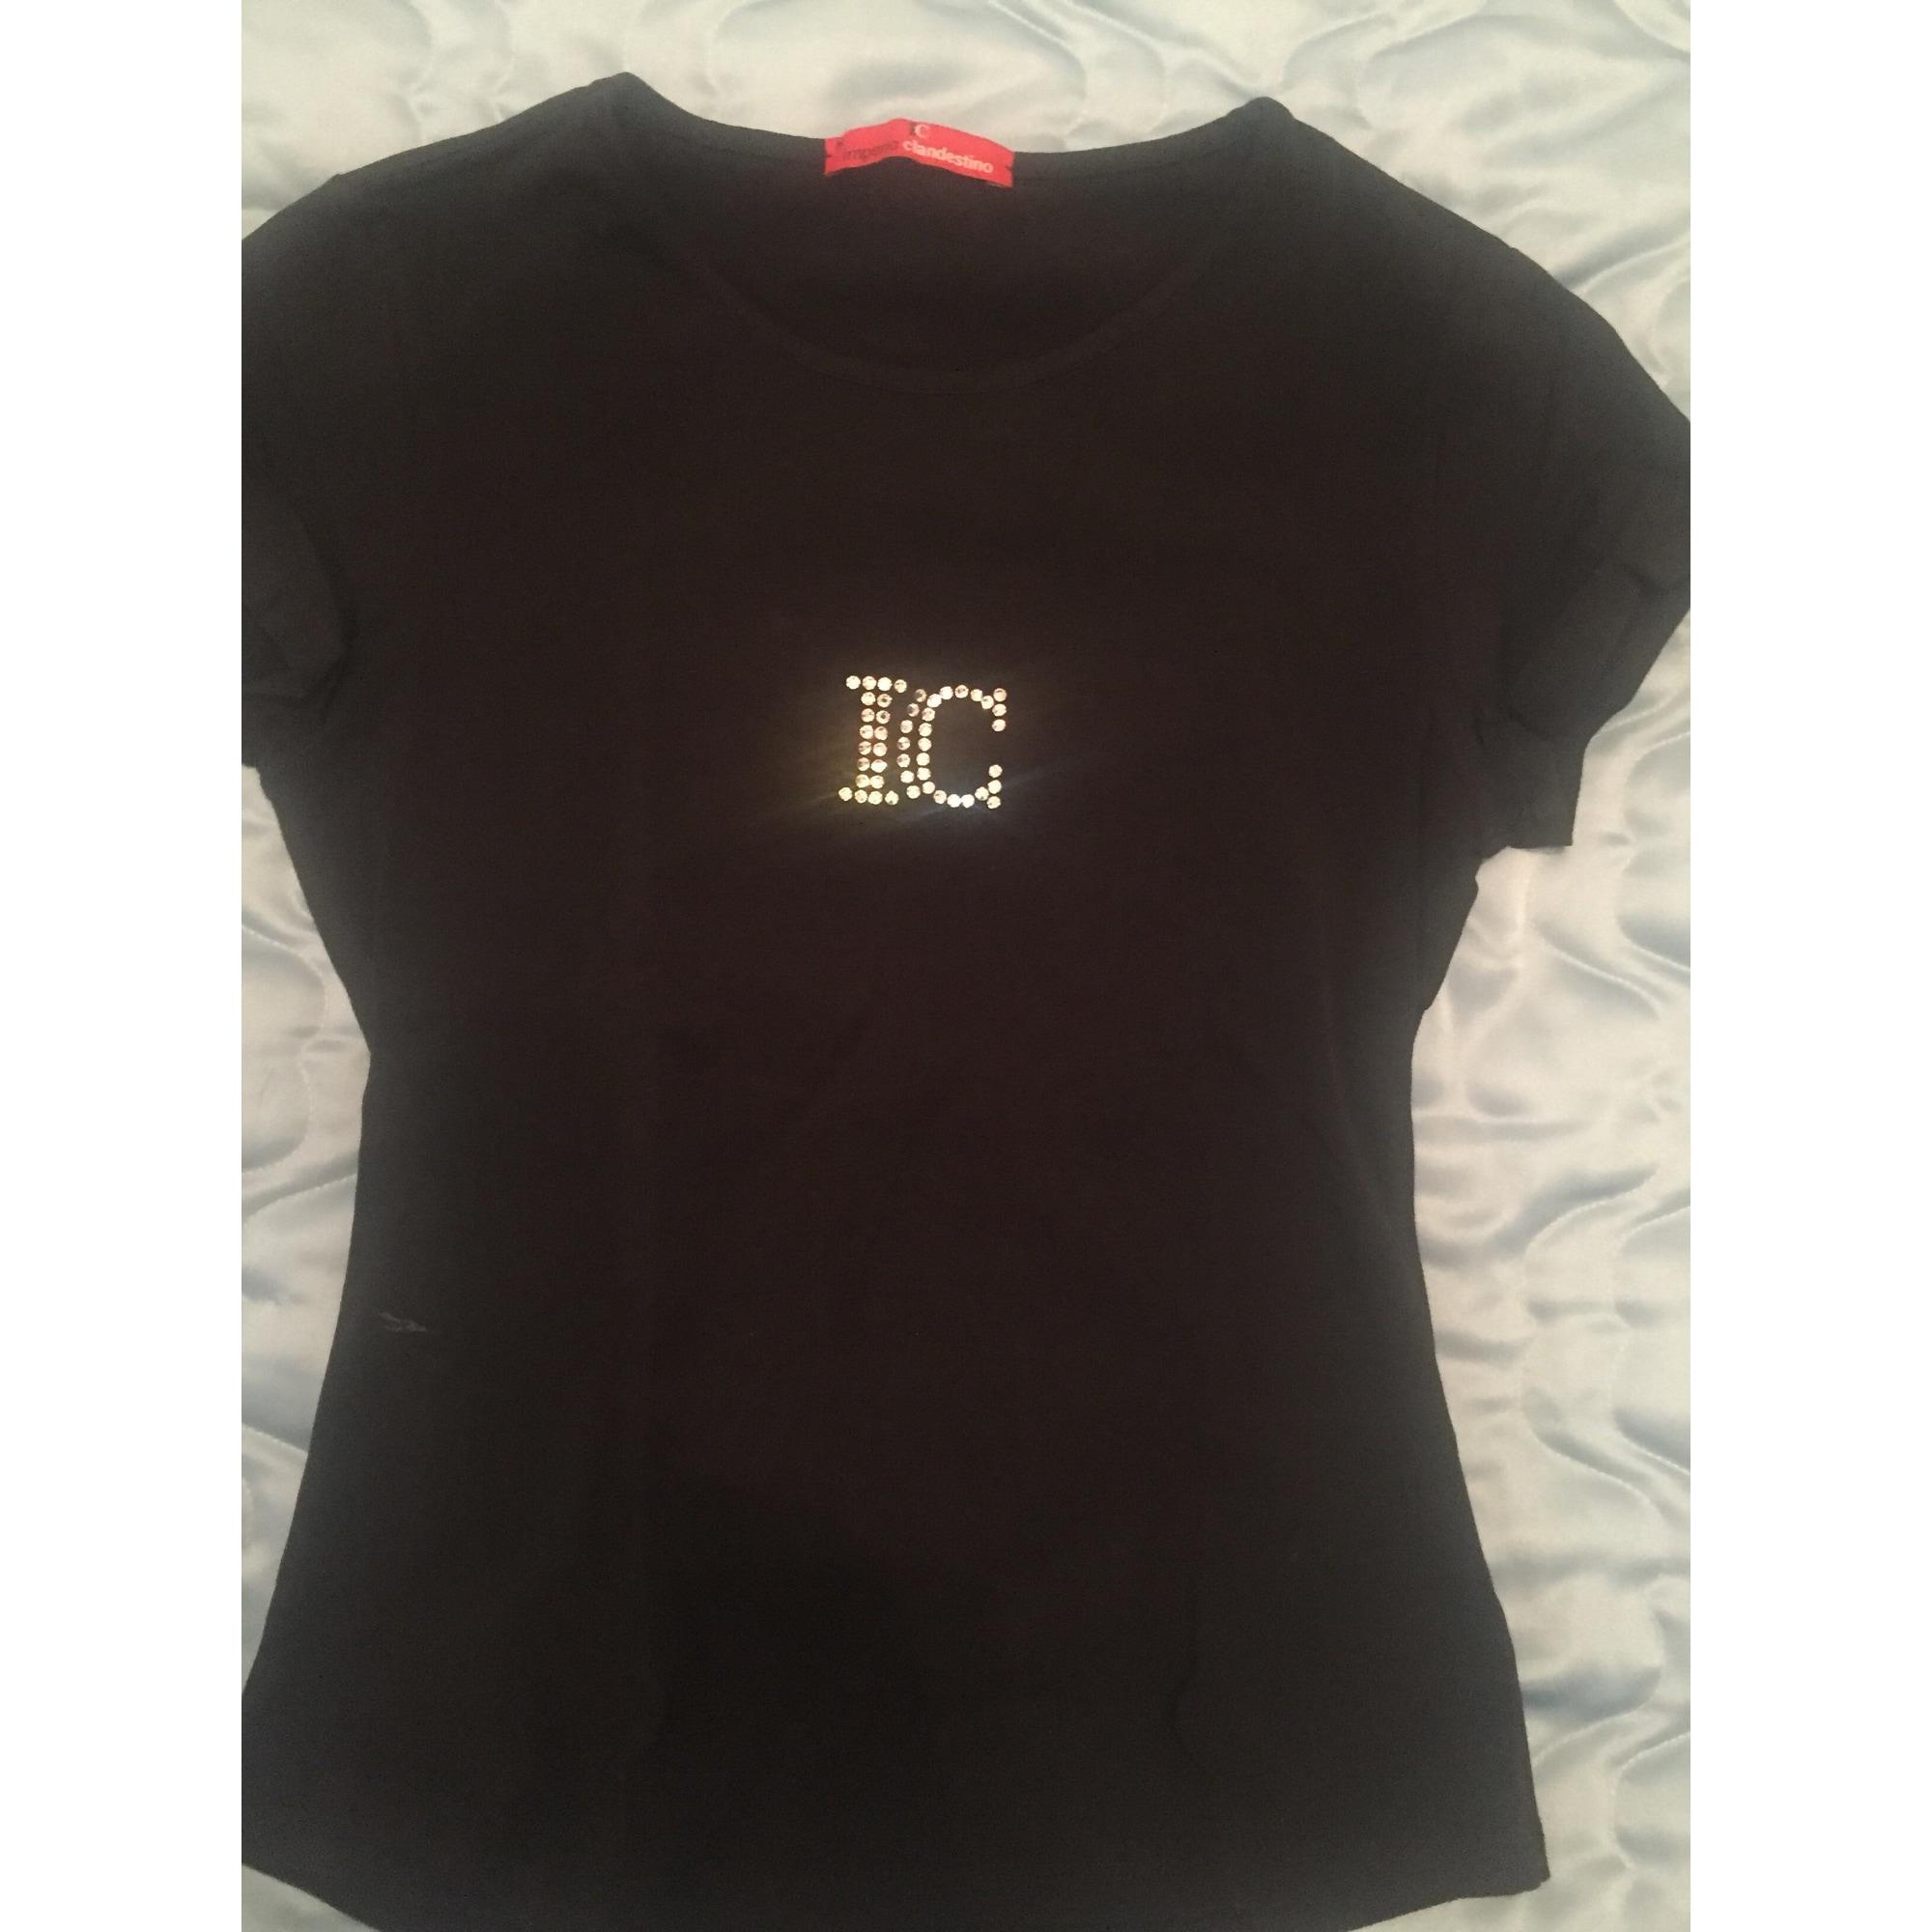 Top, tee-shirt IMPERIO CLANDESTINO Noir